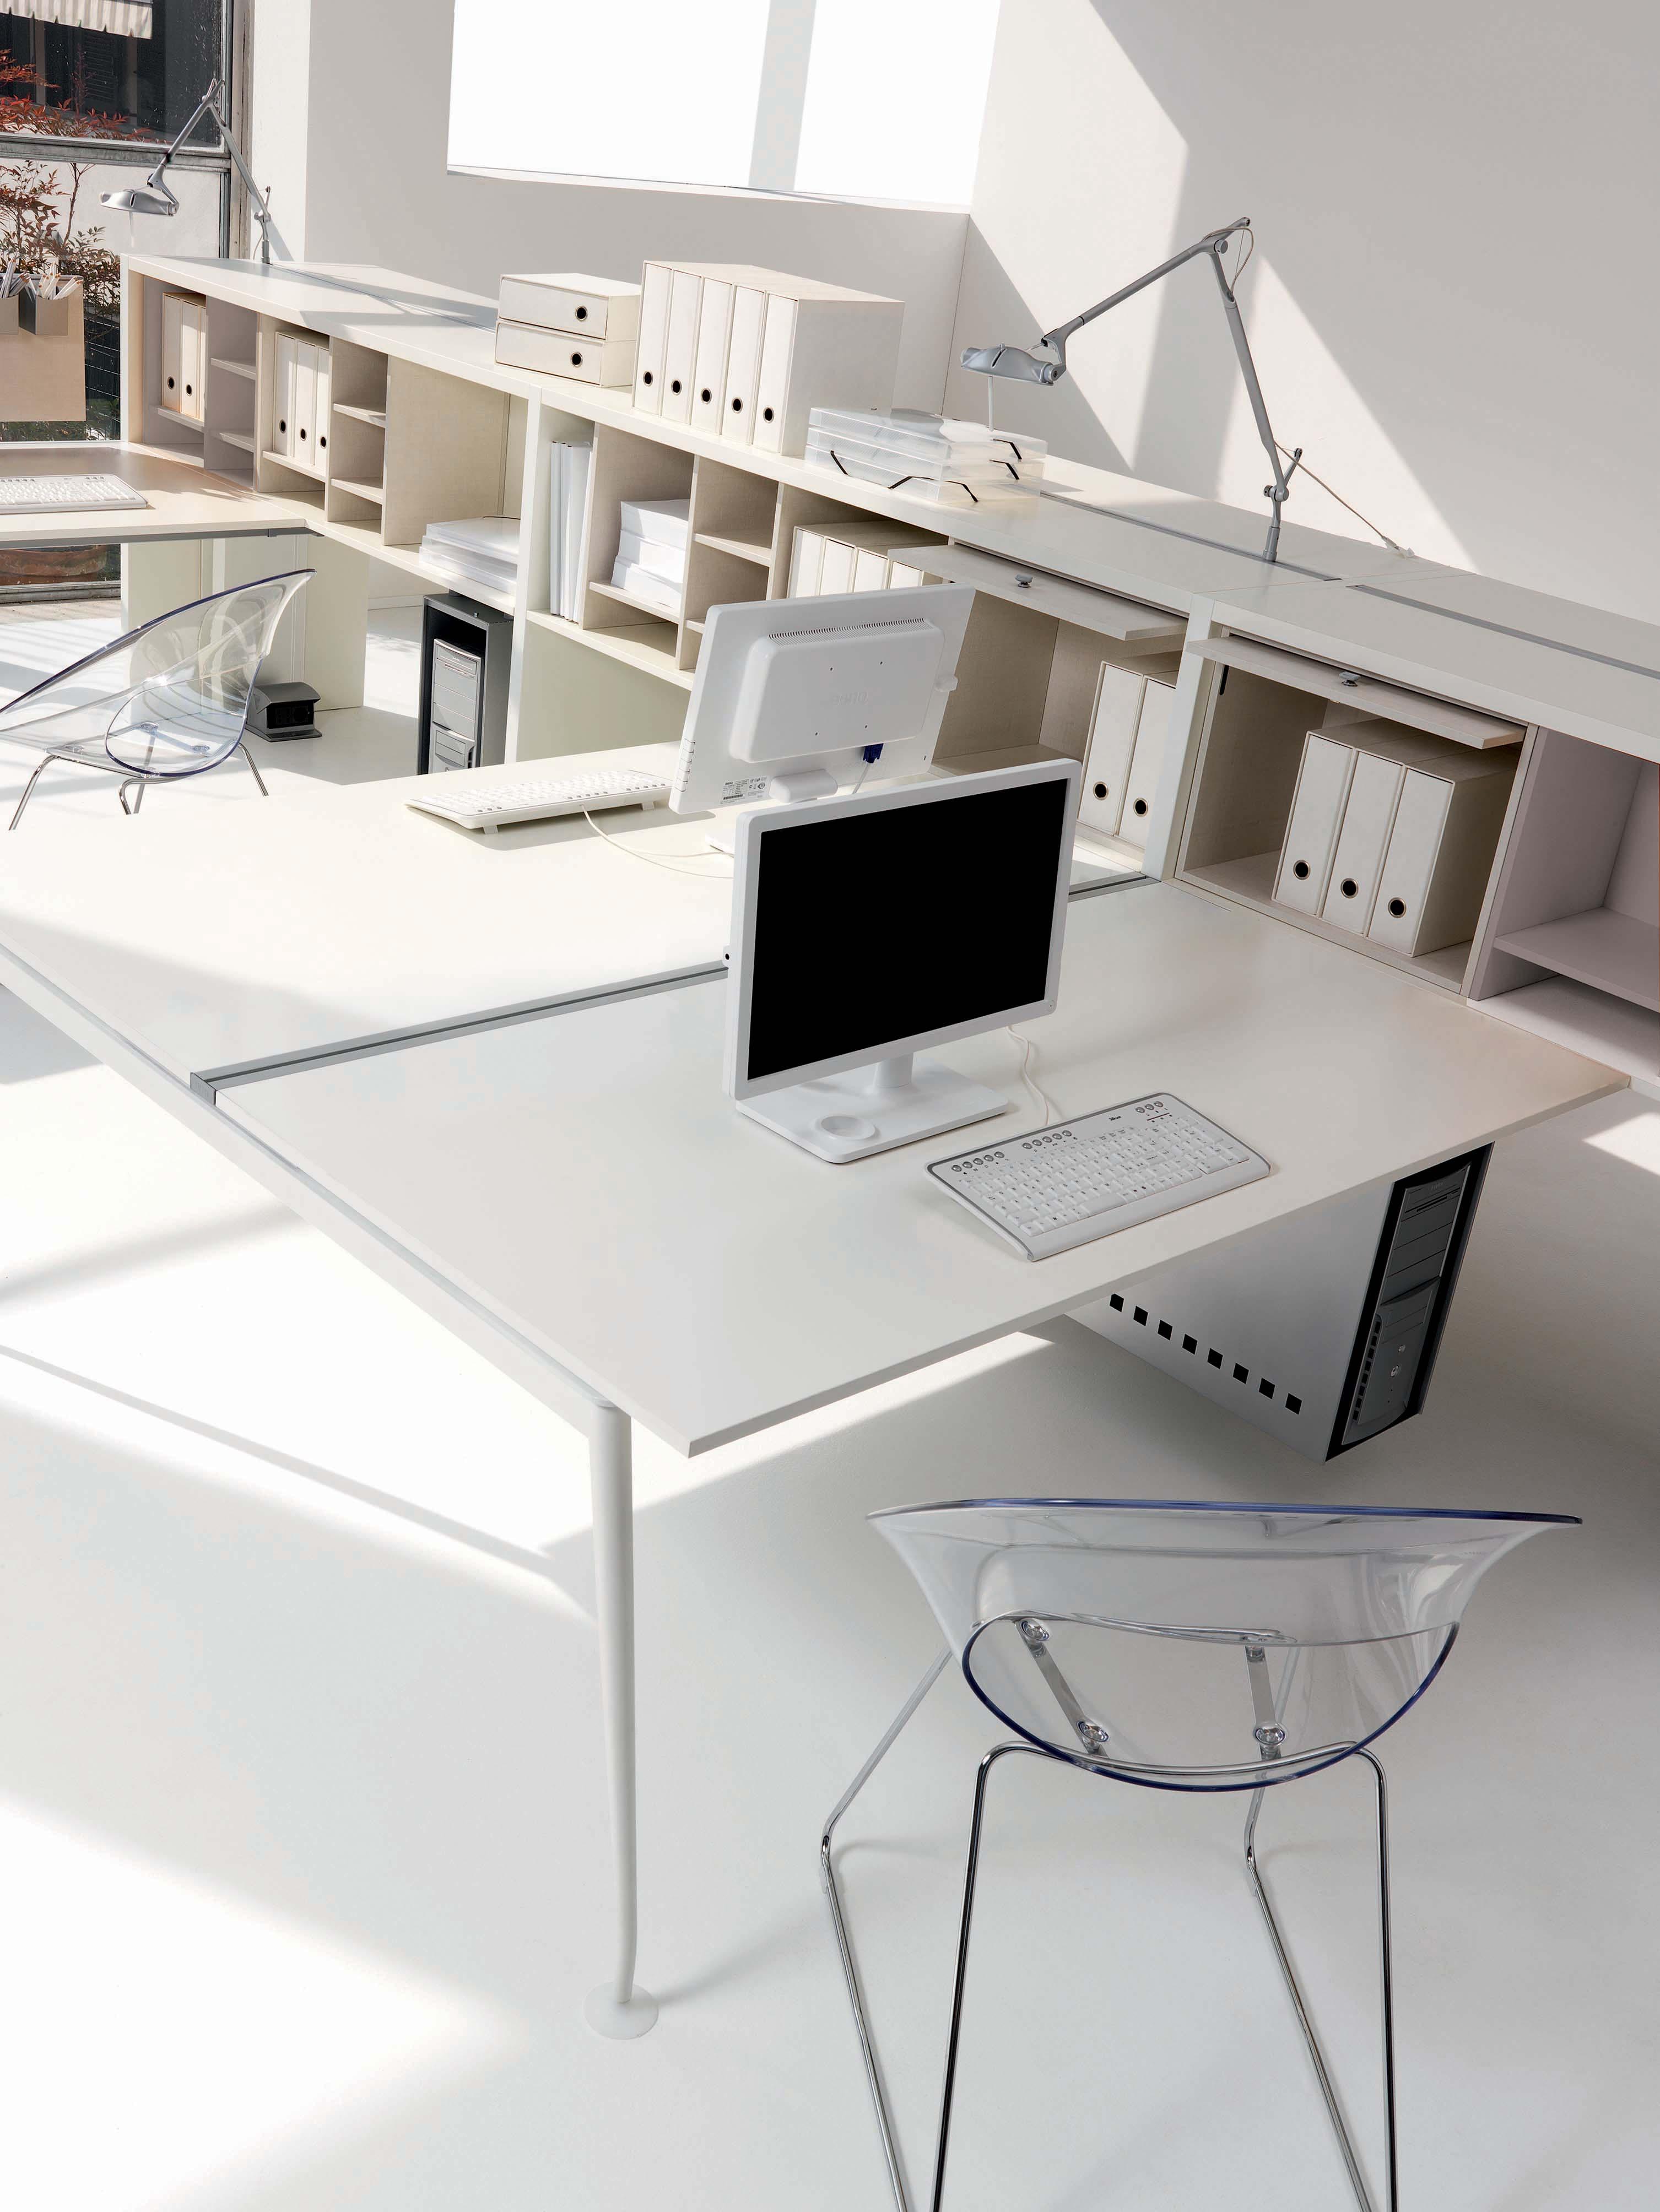 Viktor mobili operativi per ufficio arredamento per ufficio - Arredamento per ufficio ...